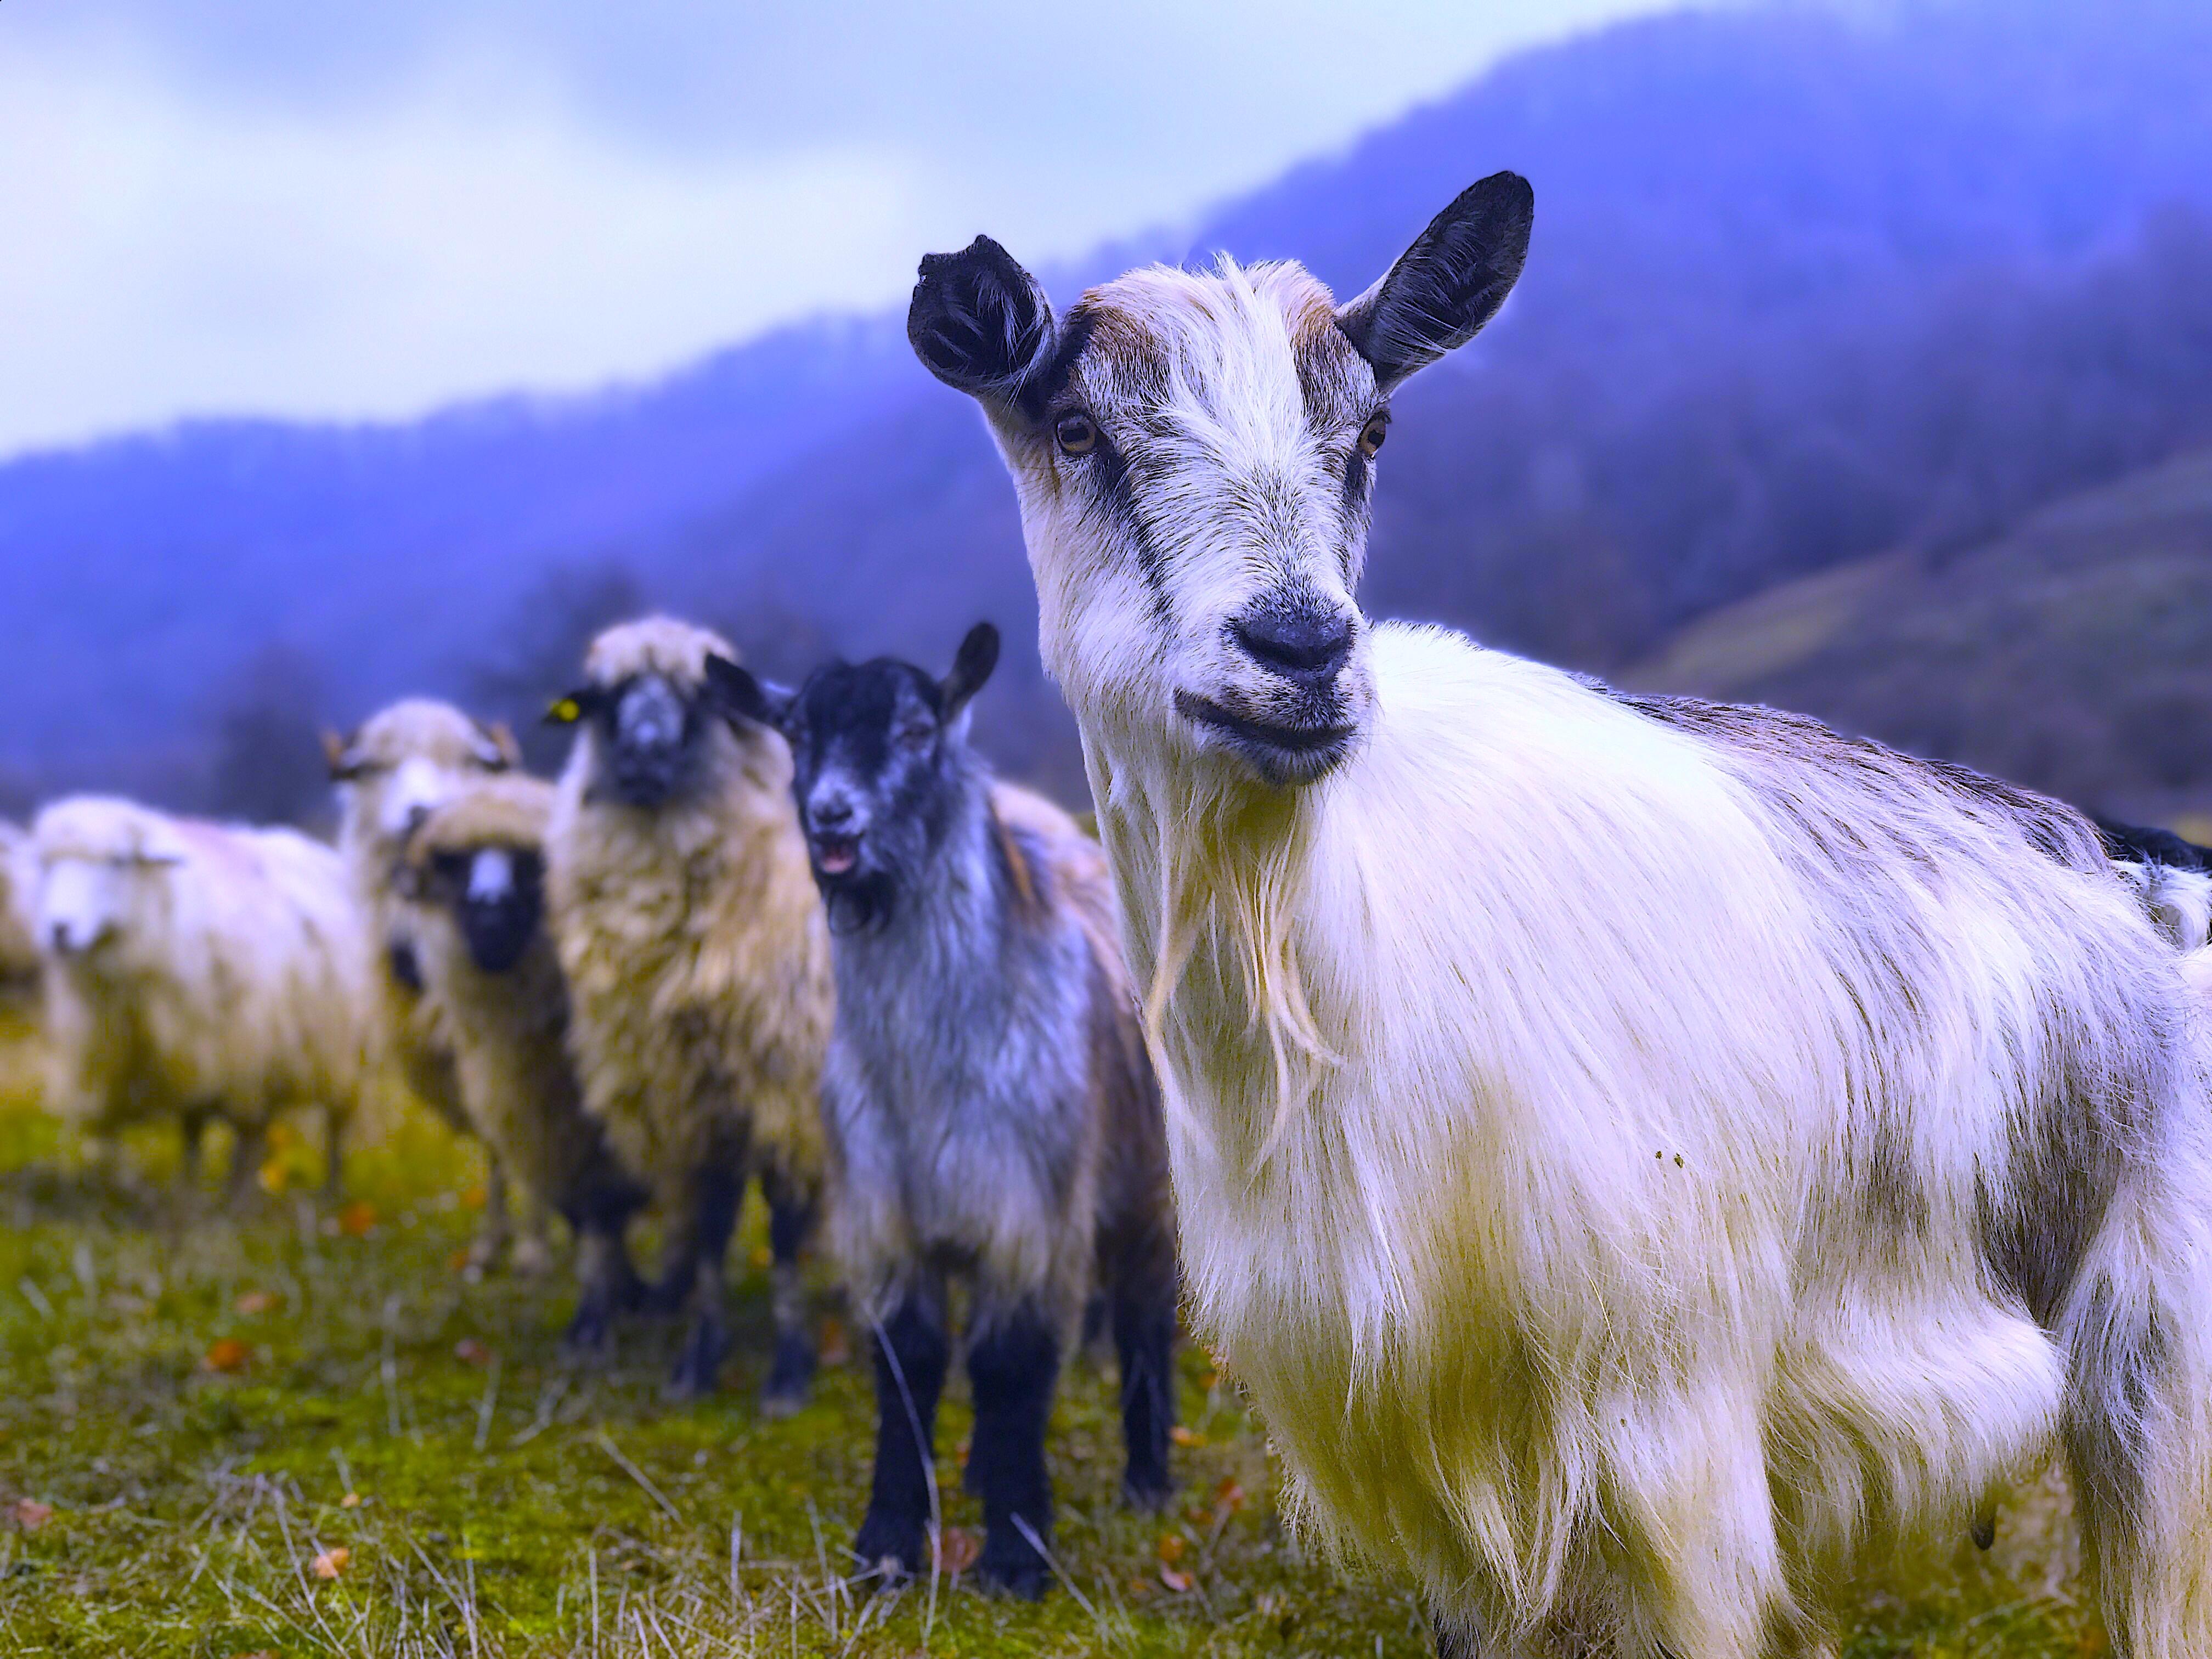 Capra, goat in Tara Lapusului, Transylvania